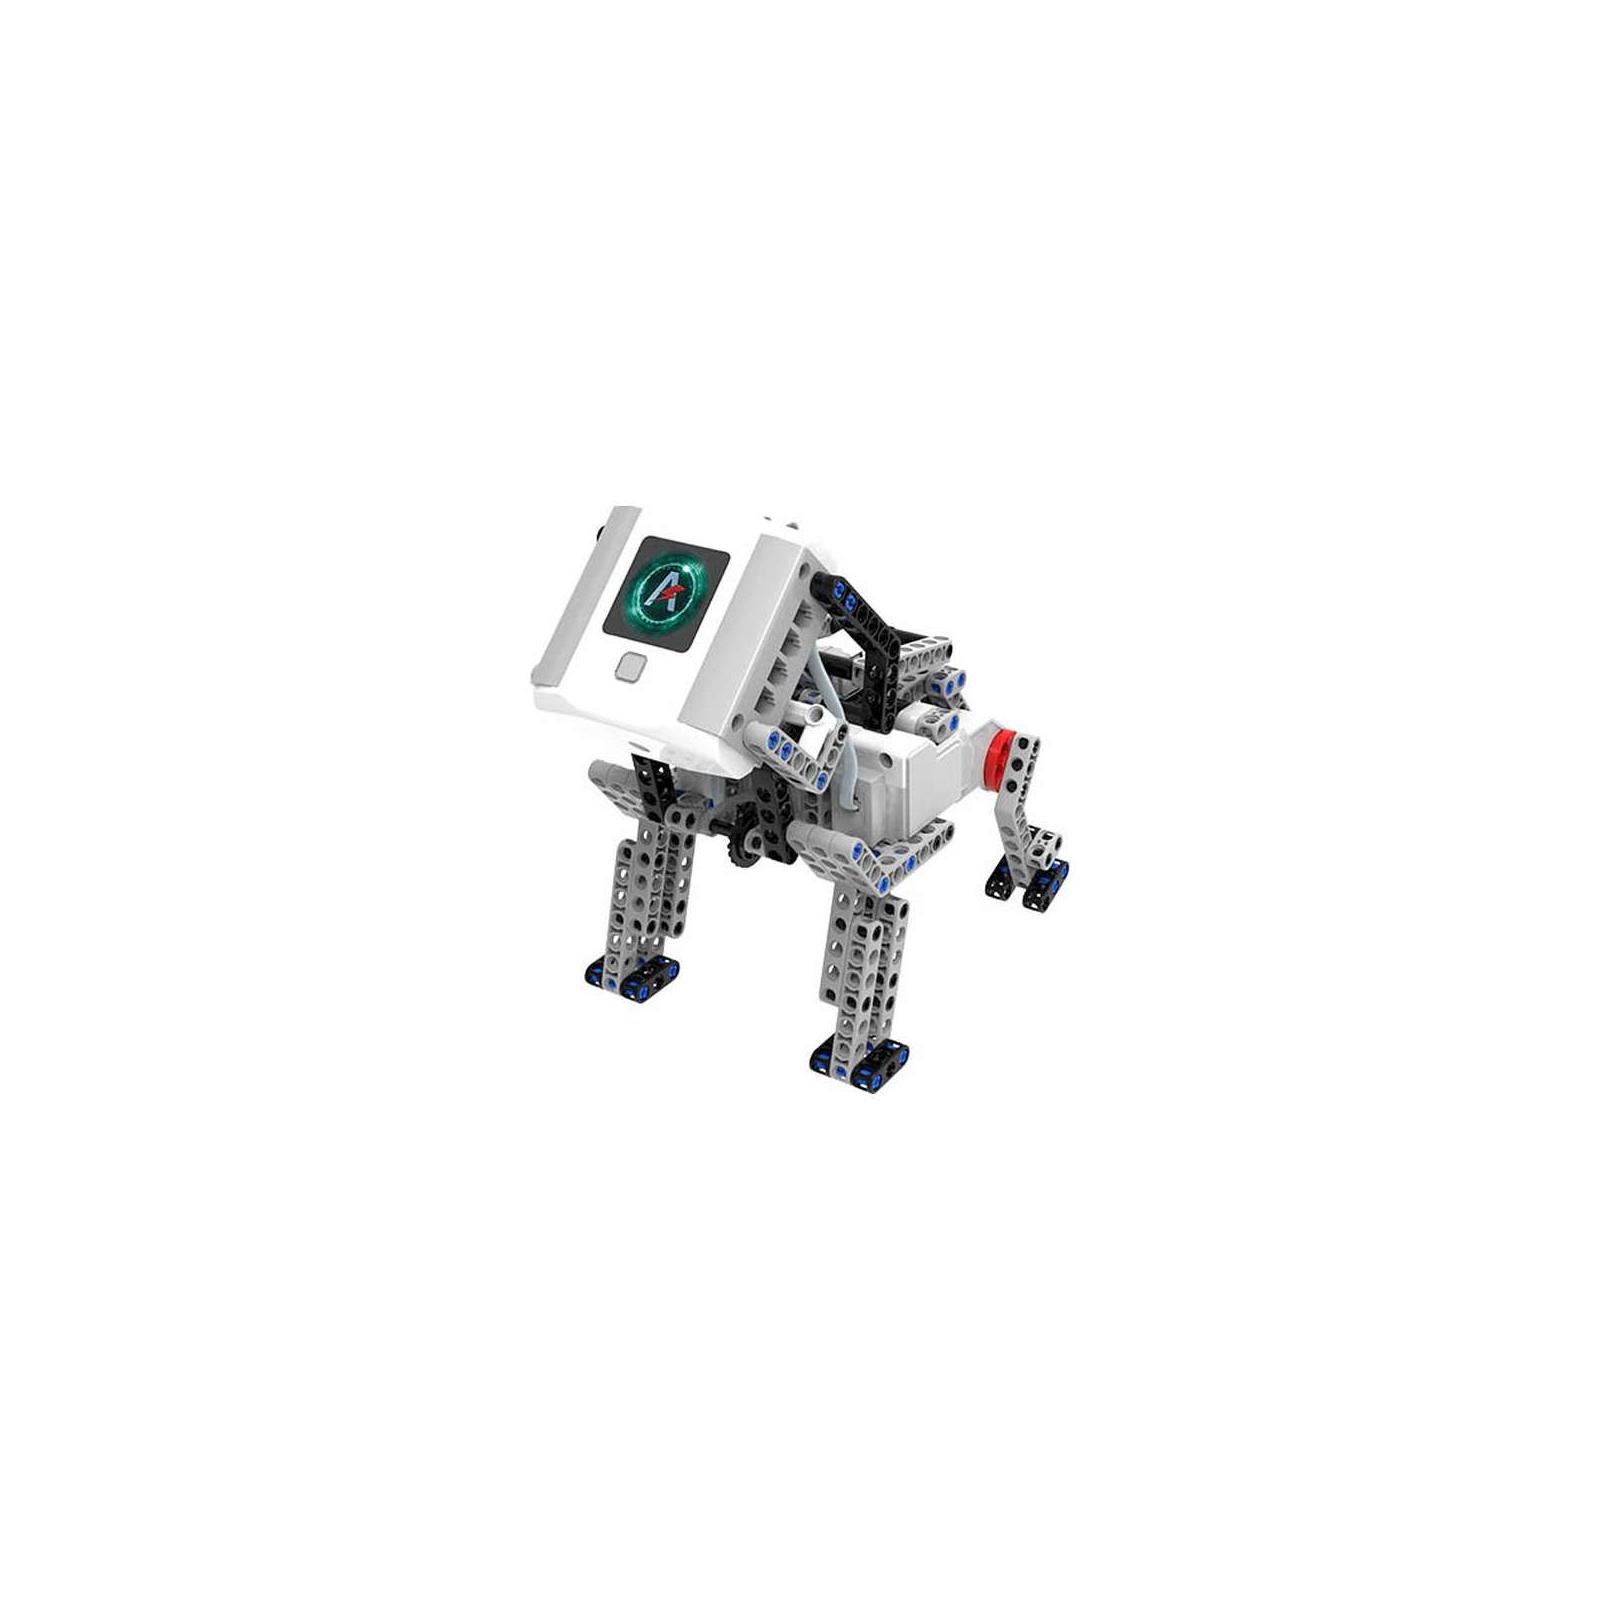 Робот Abilix Krypton 5 (Krypton_5) изображение 3